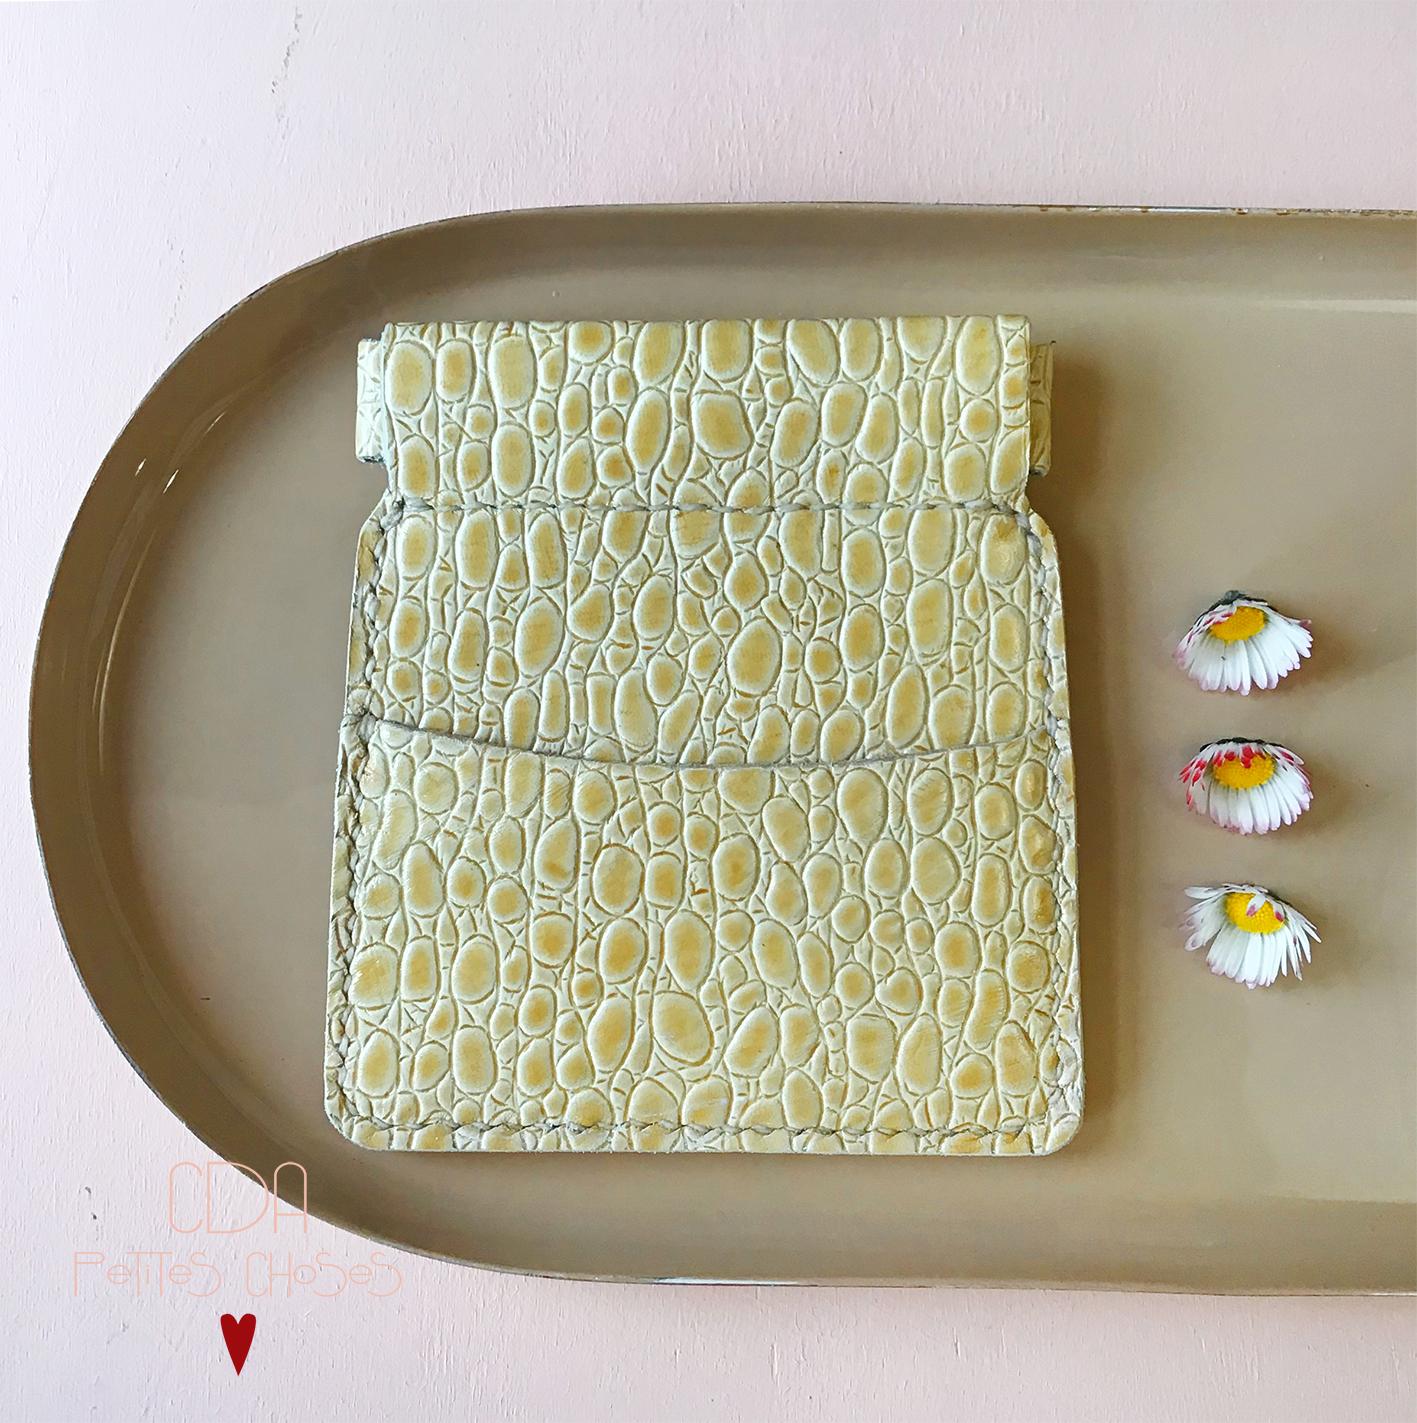 Porte monnaie clic clac en cuir embosse croco jaune paille CDA Petites Choses